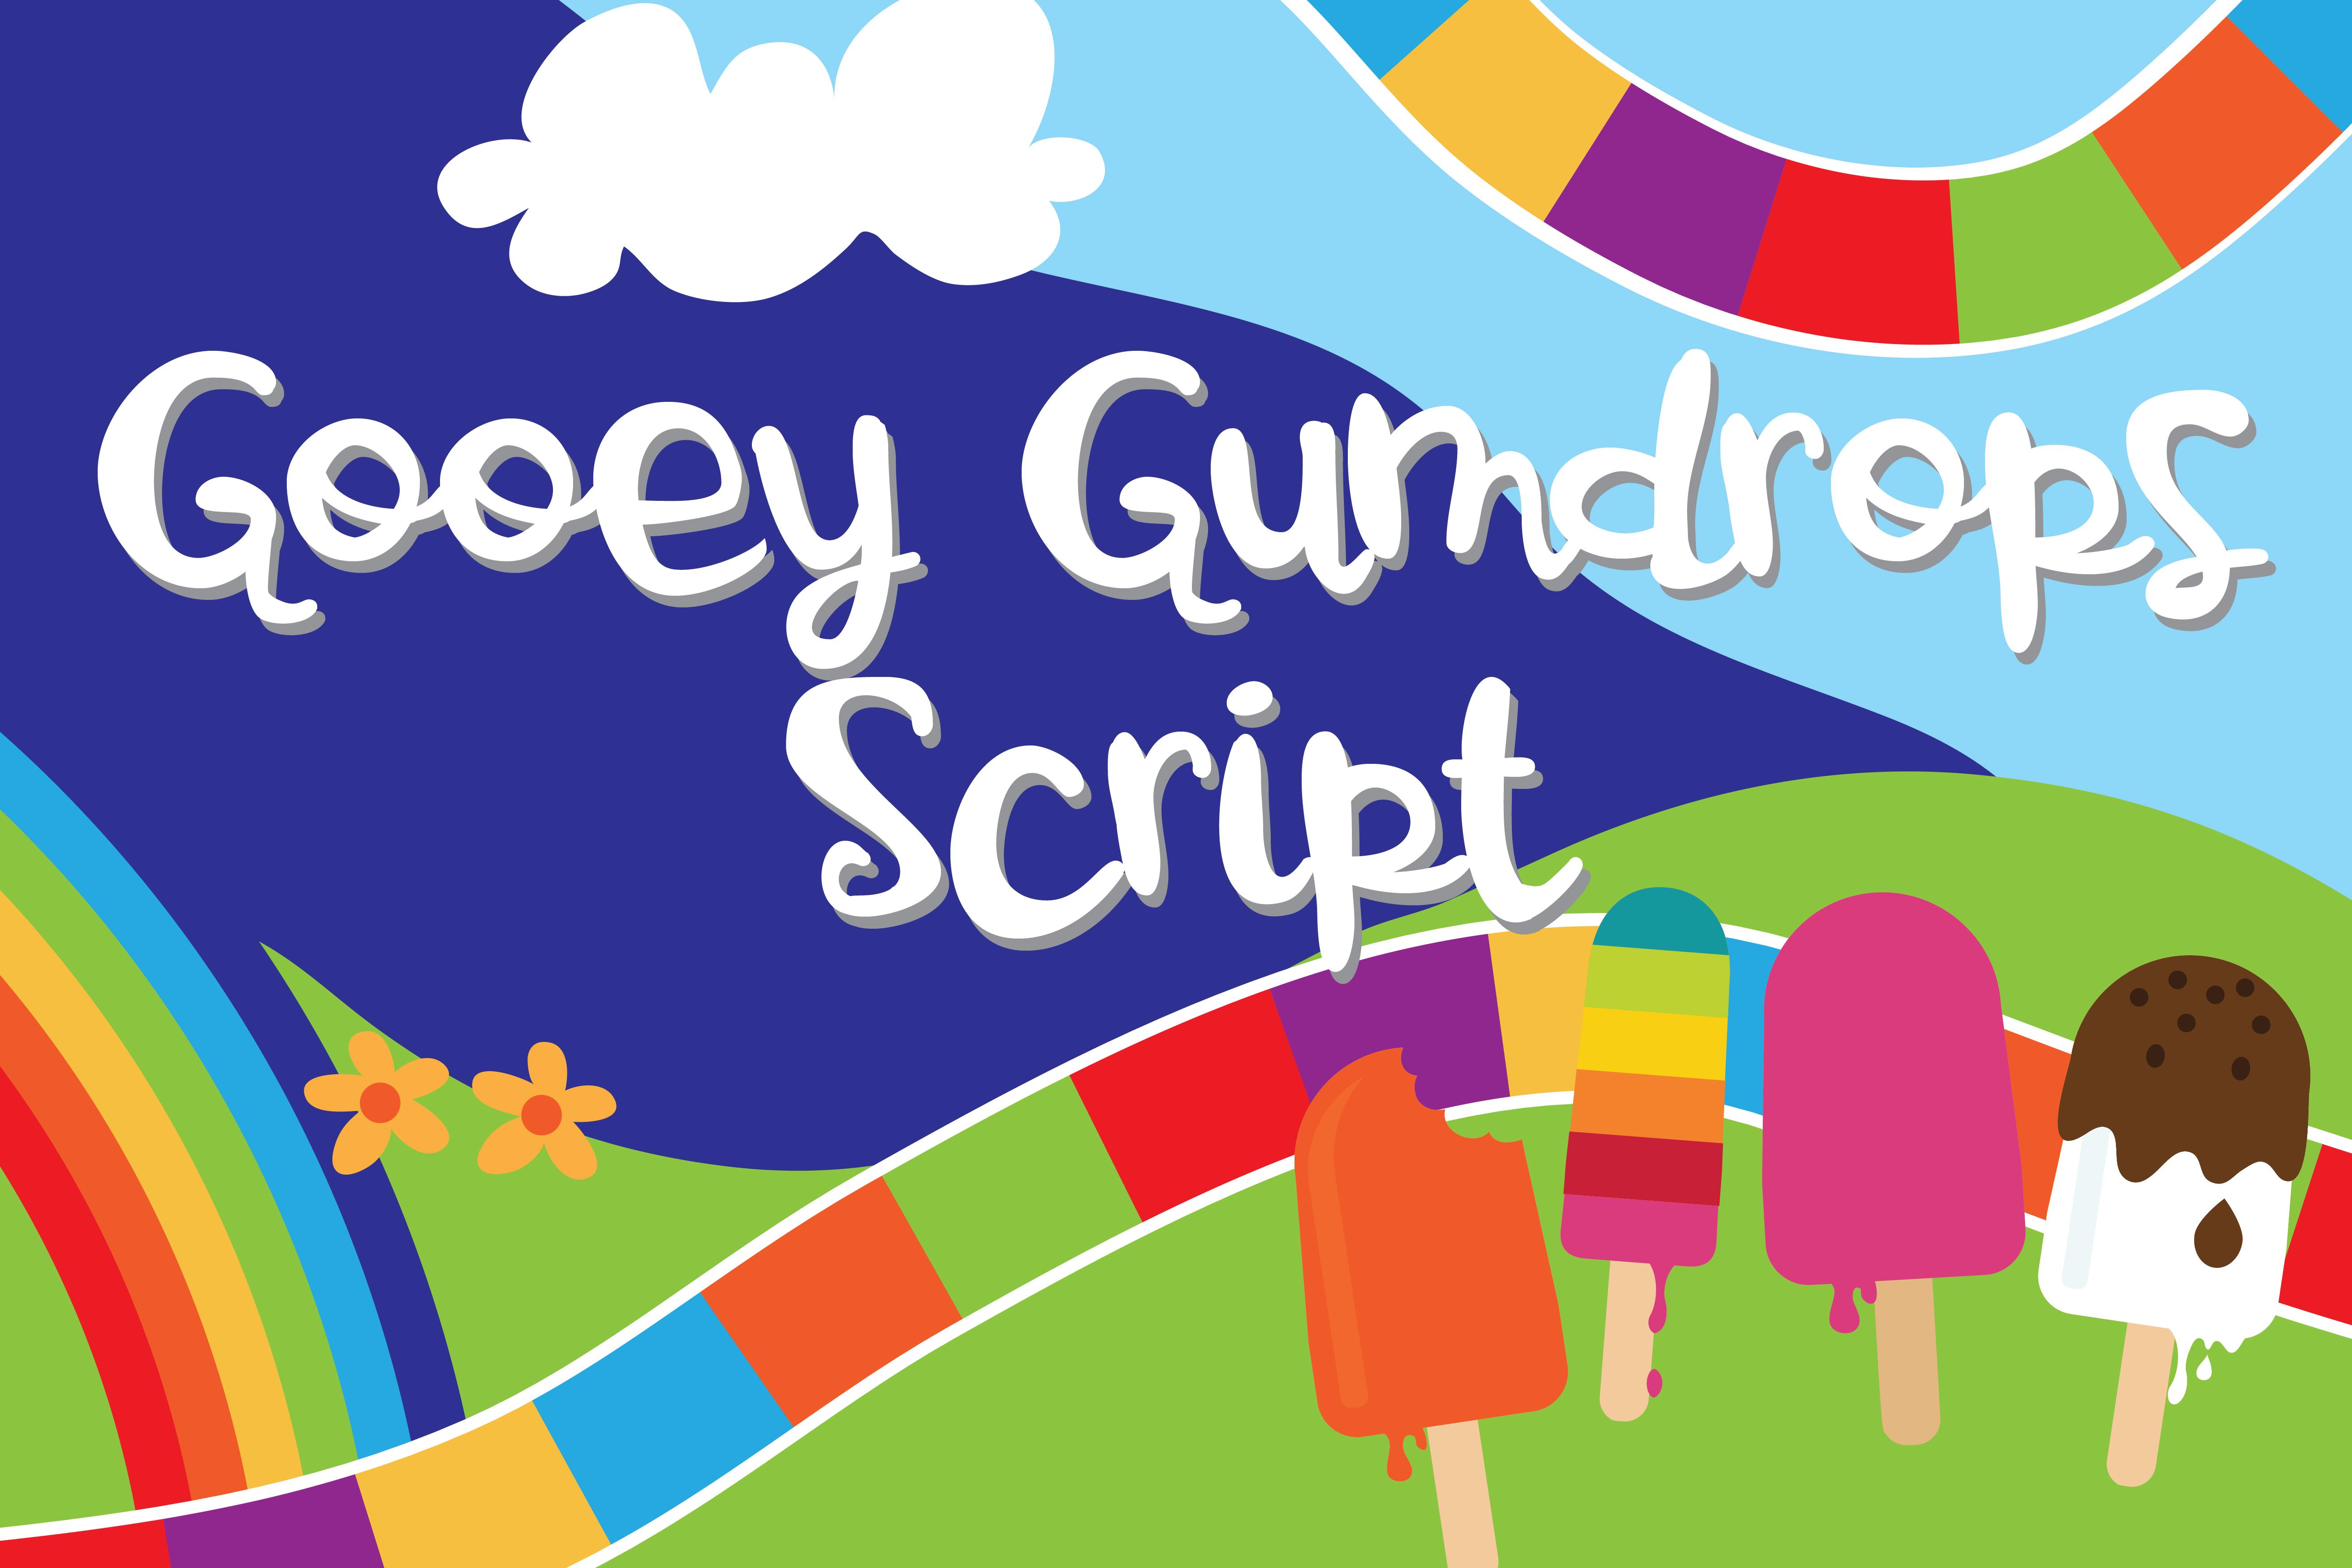 PN Gooey Gumdrops Script example image 1